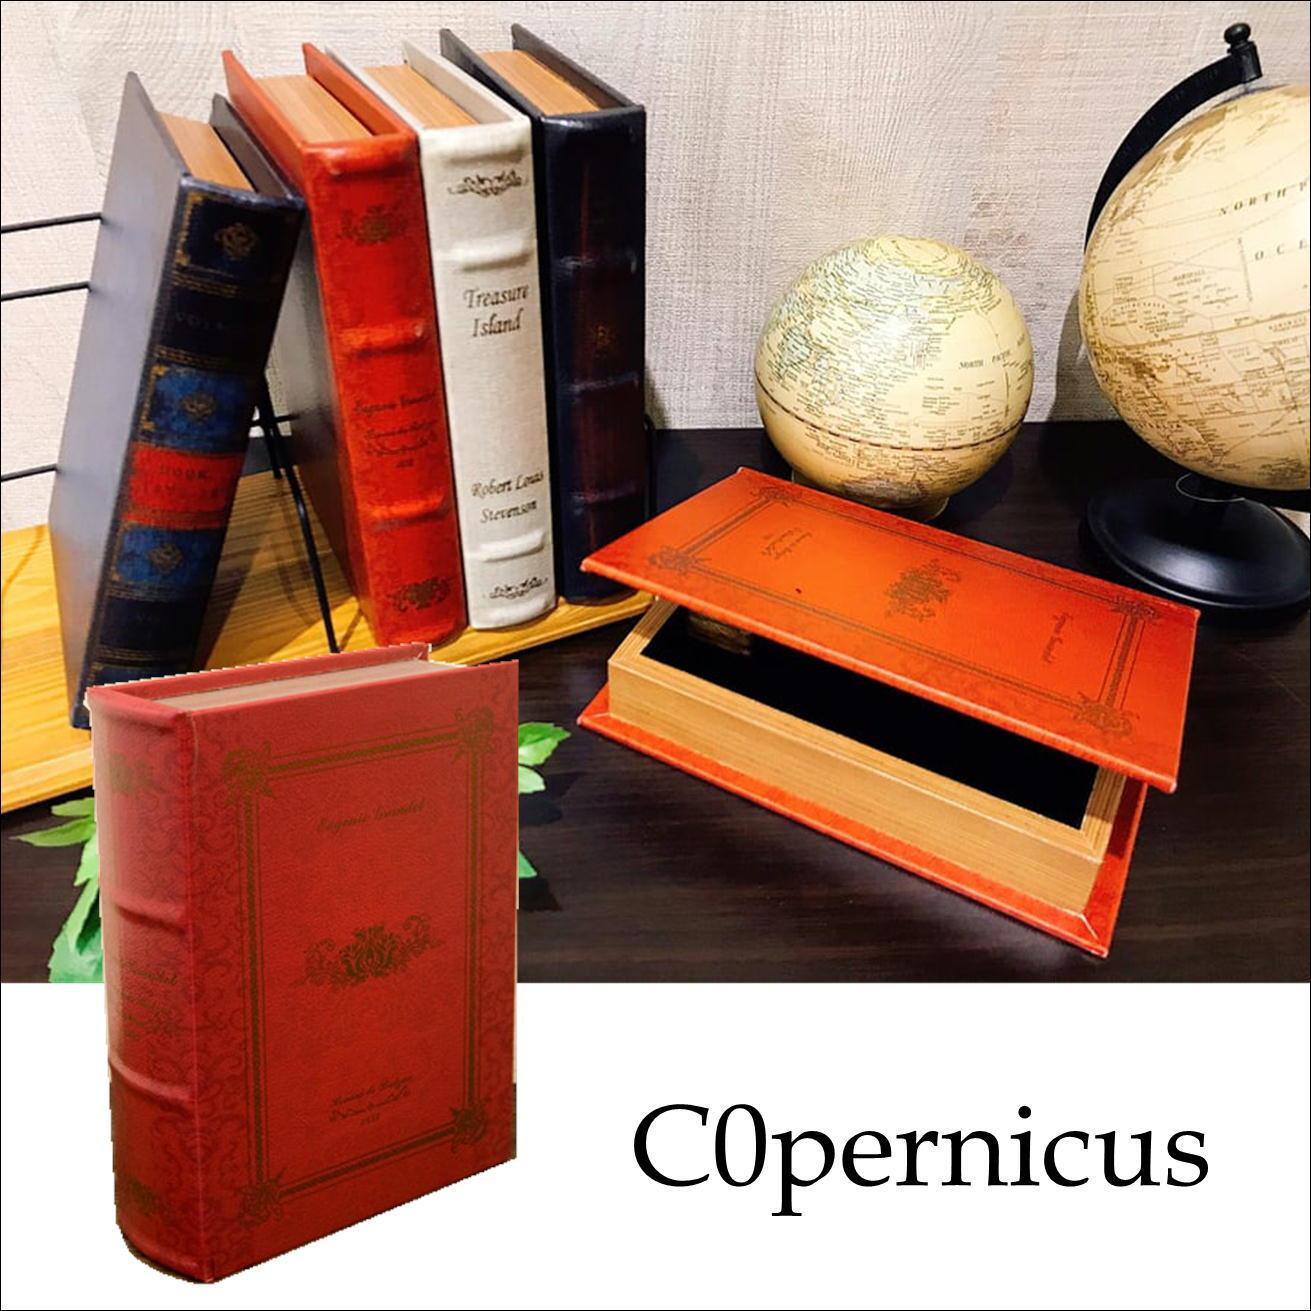 Bookボックス6/シークレットボックス/アンティーク雑貨/浜松雑貨屋C0pernicus